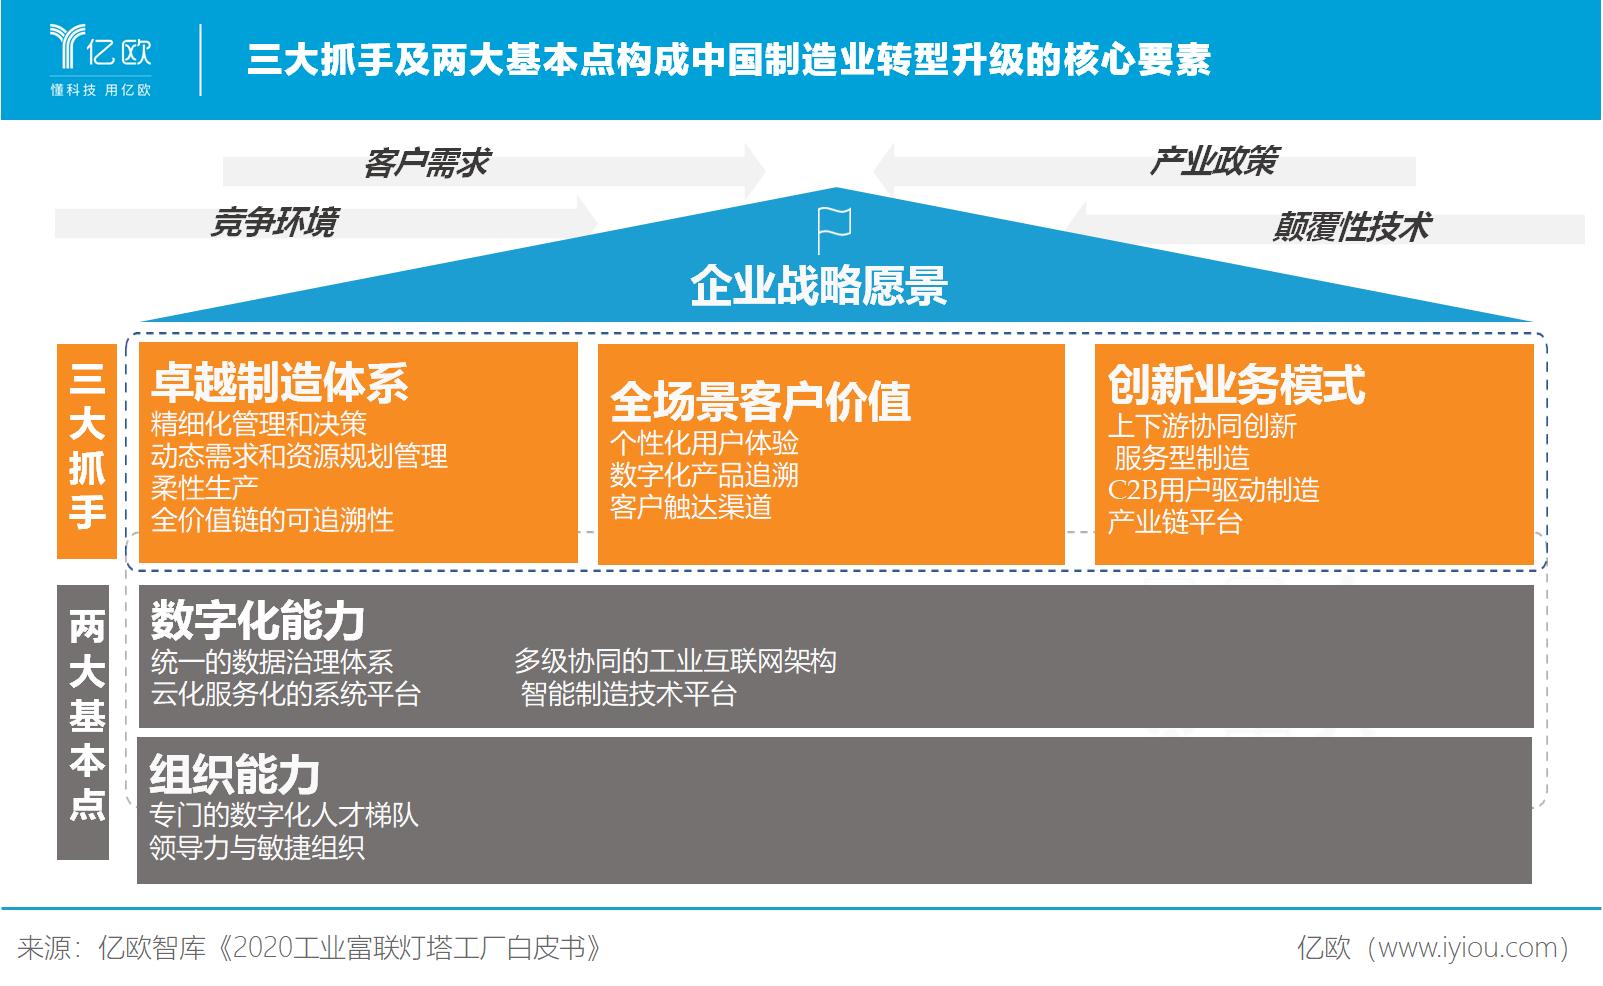 亿欧智库:中国制造业转型升级的核心要素